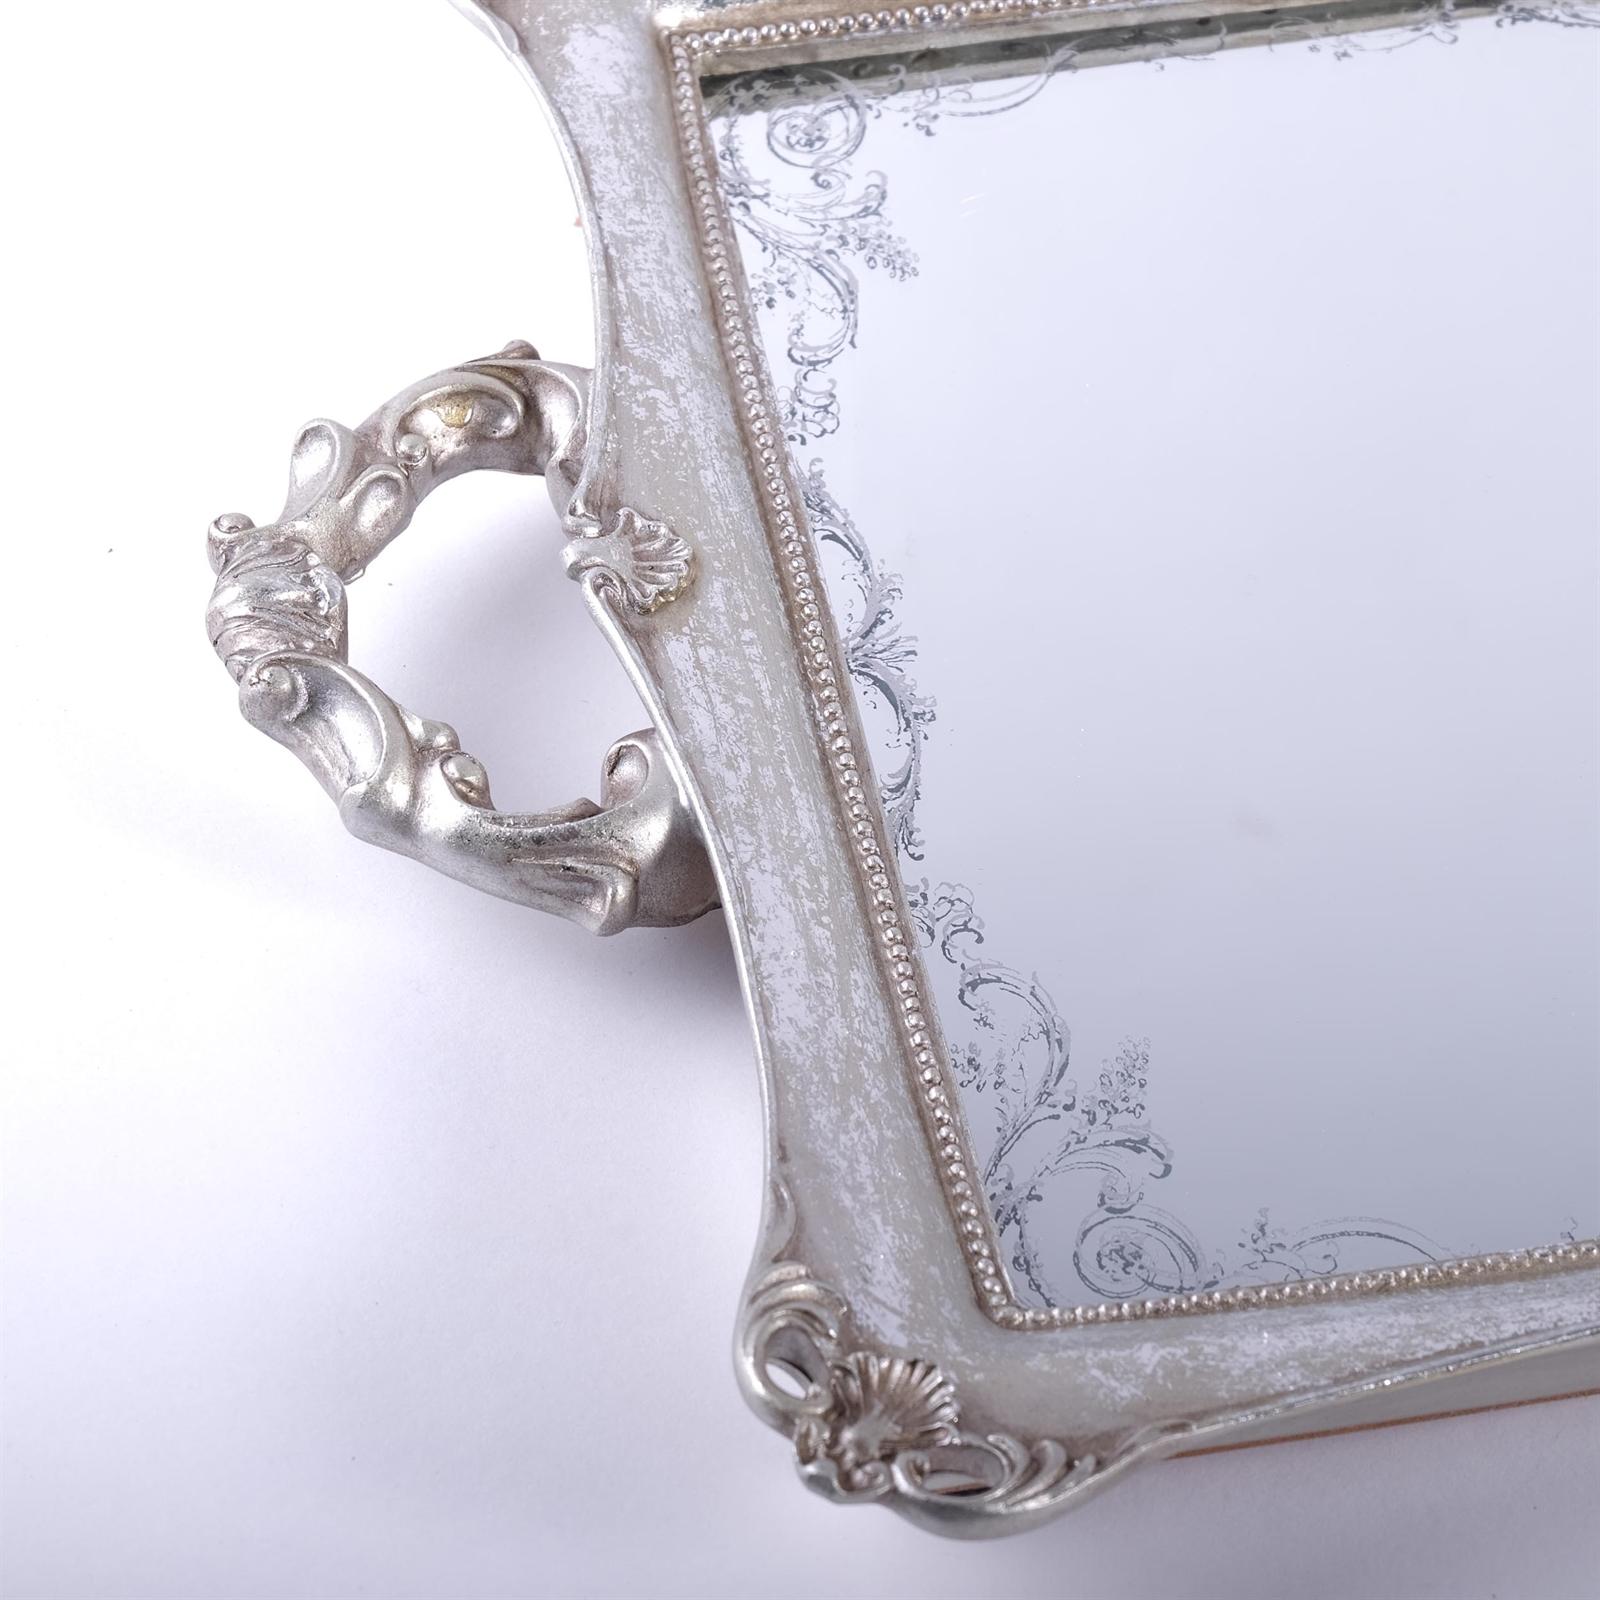 spiegeltablett baron mit griffen antik silber 52 cm barock servierplatte eur 44 44. Black Bedroom Furniture Sets. Home Design Ideas